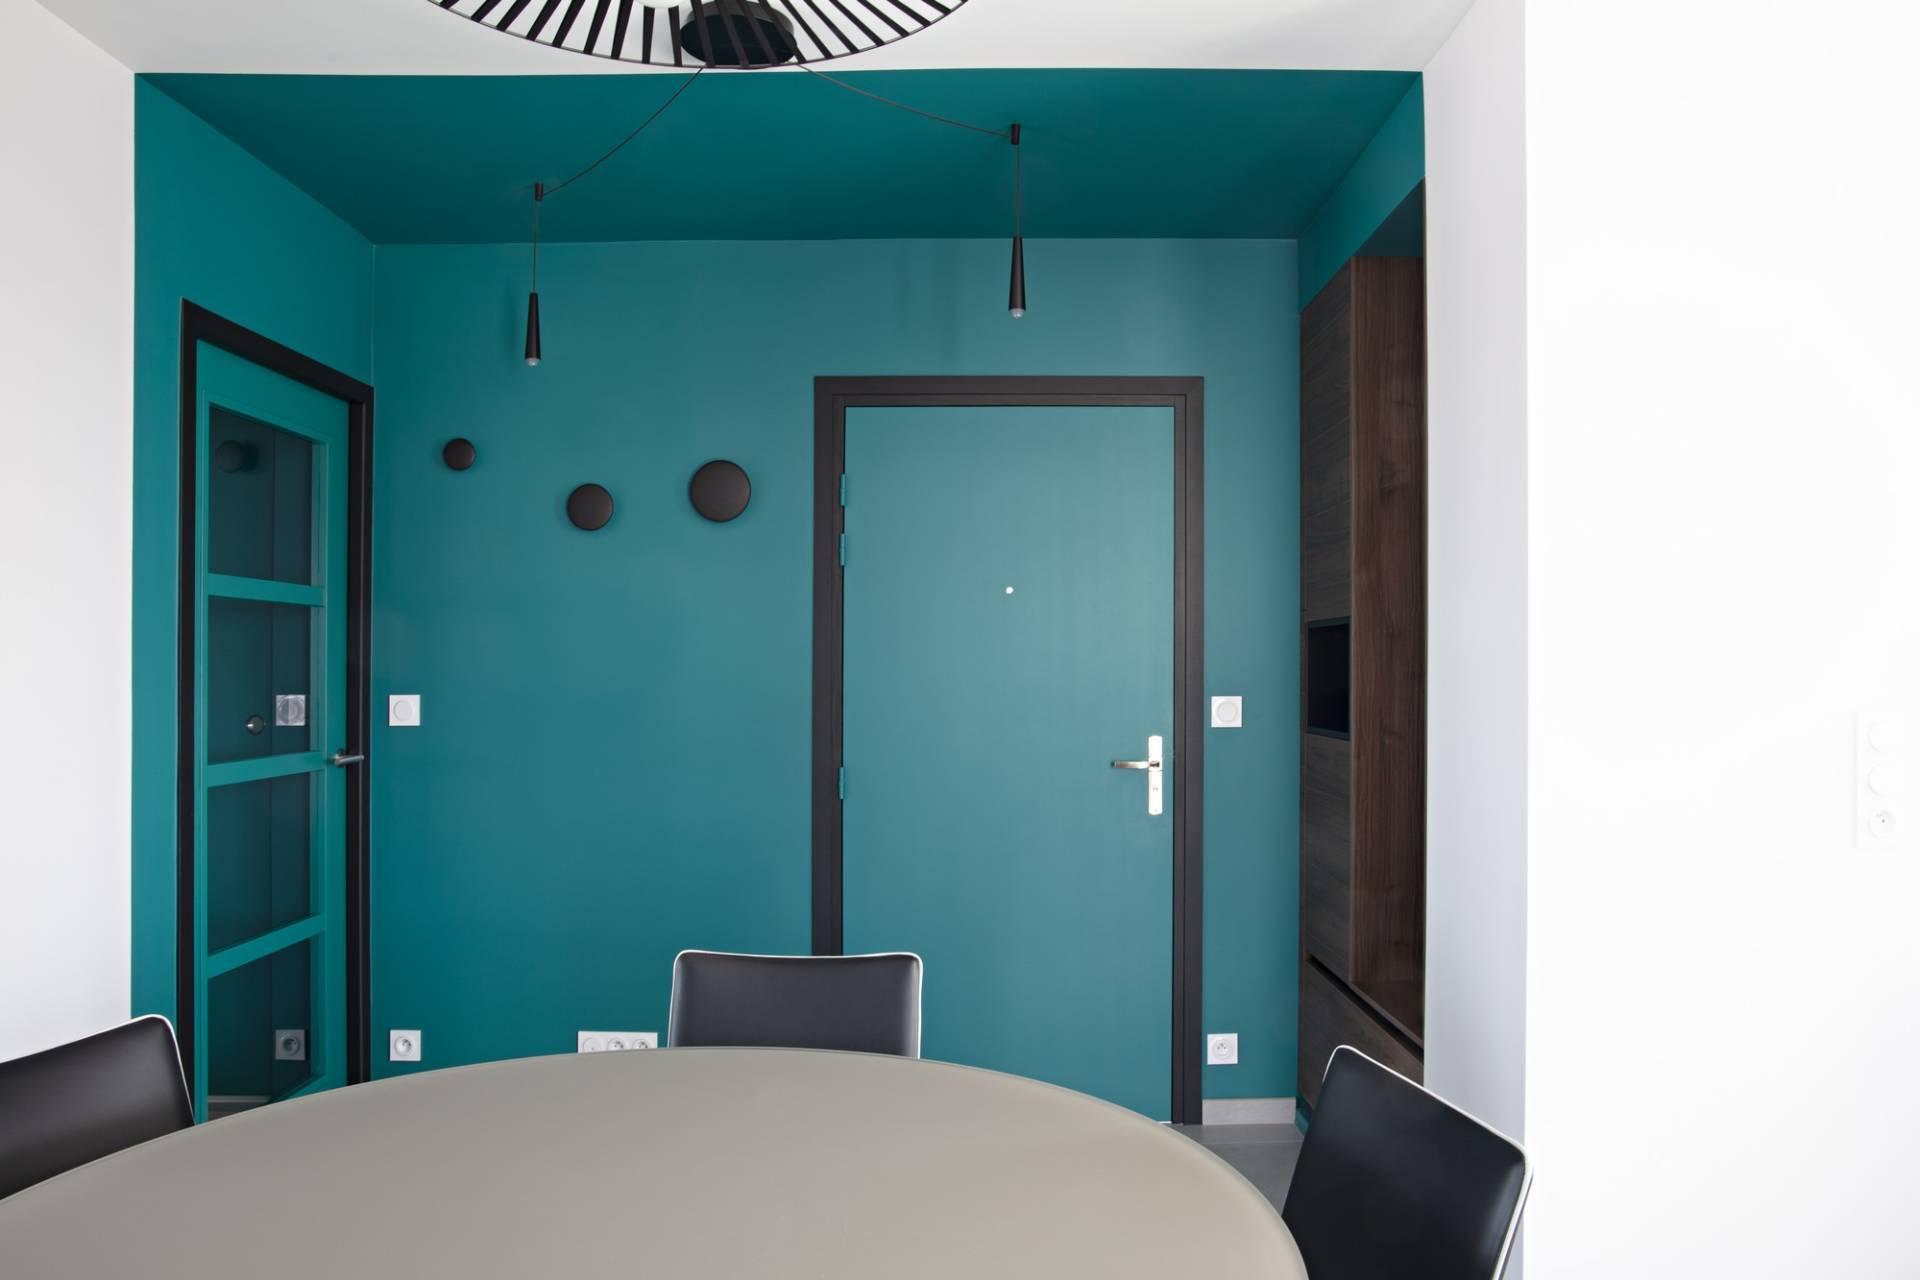 Décoration et agencement d'un appartement sur plans à Rennes - entrée comme une alcôve avec color zoning en bleu-vert et contours noirs patères noires, par Nathalie Bossard, Décoratrice d'intérieur, Rennes, Ille et Vilaine